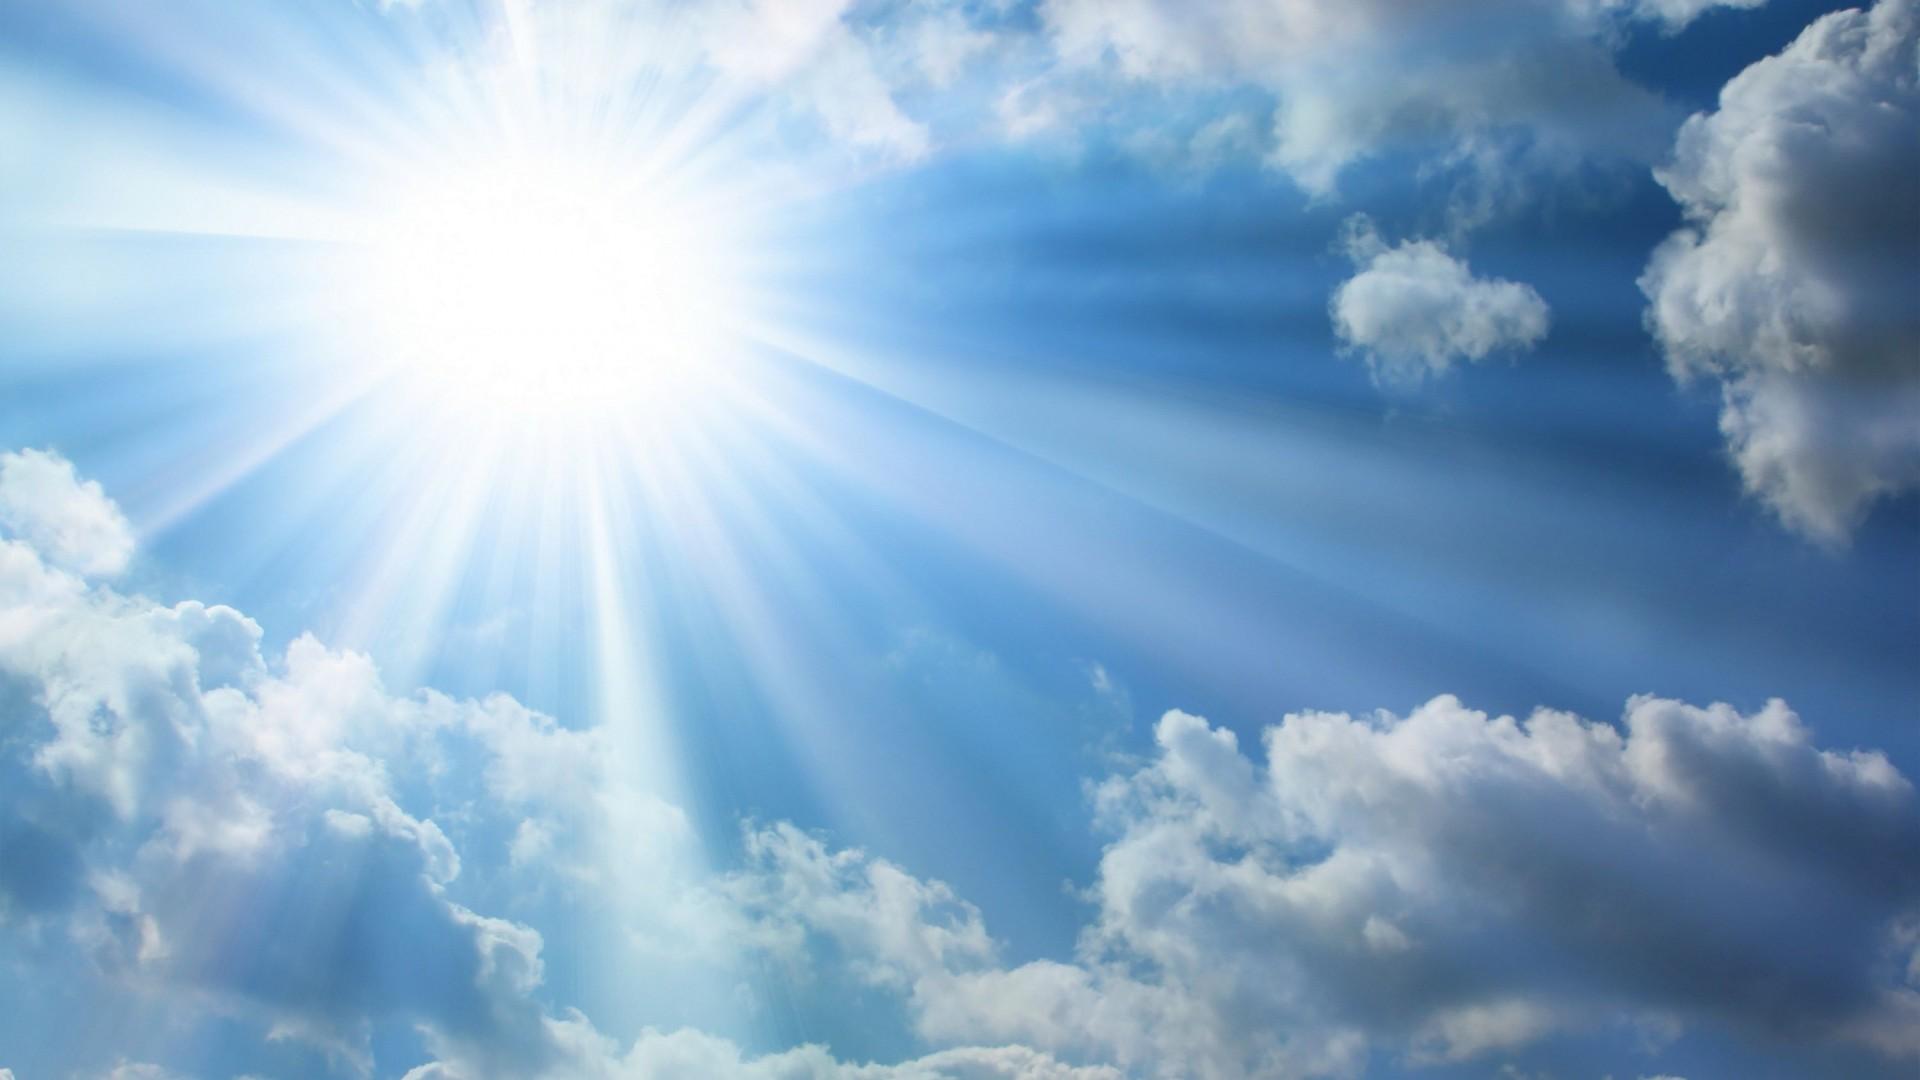 Sunlight | prophesyagain